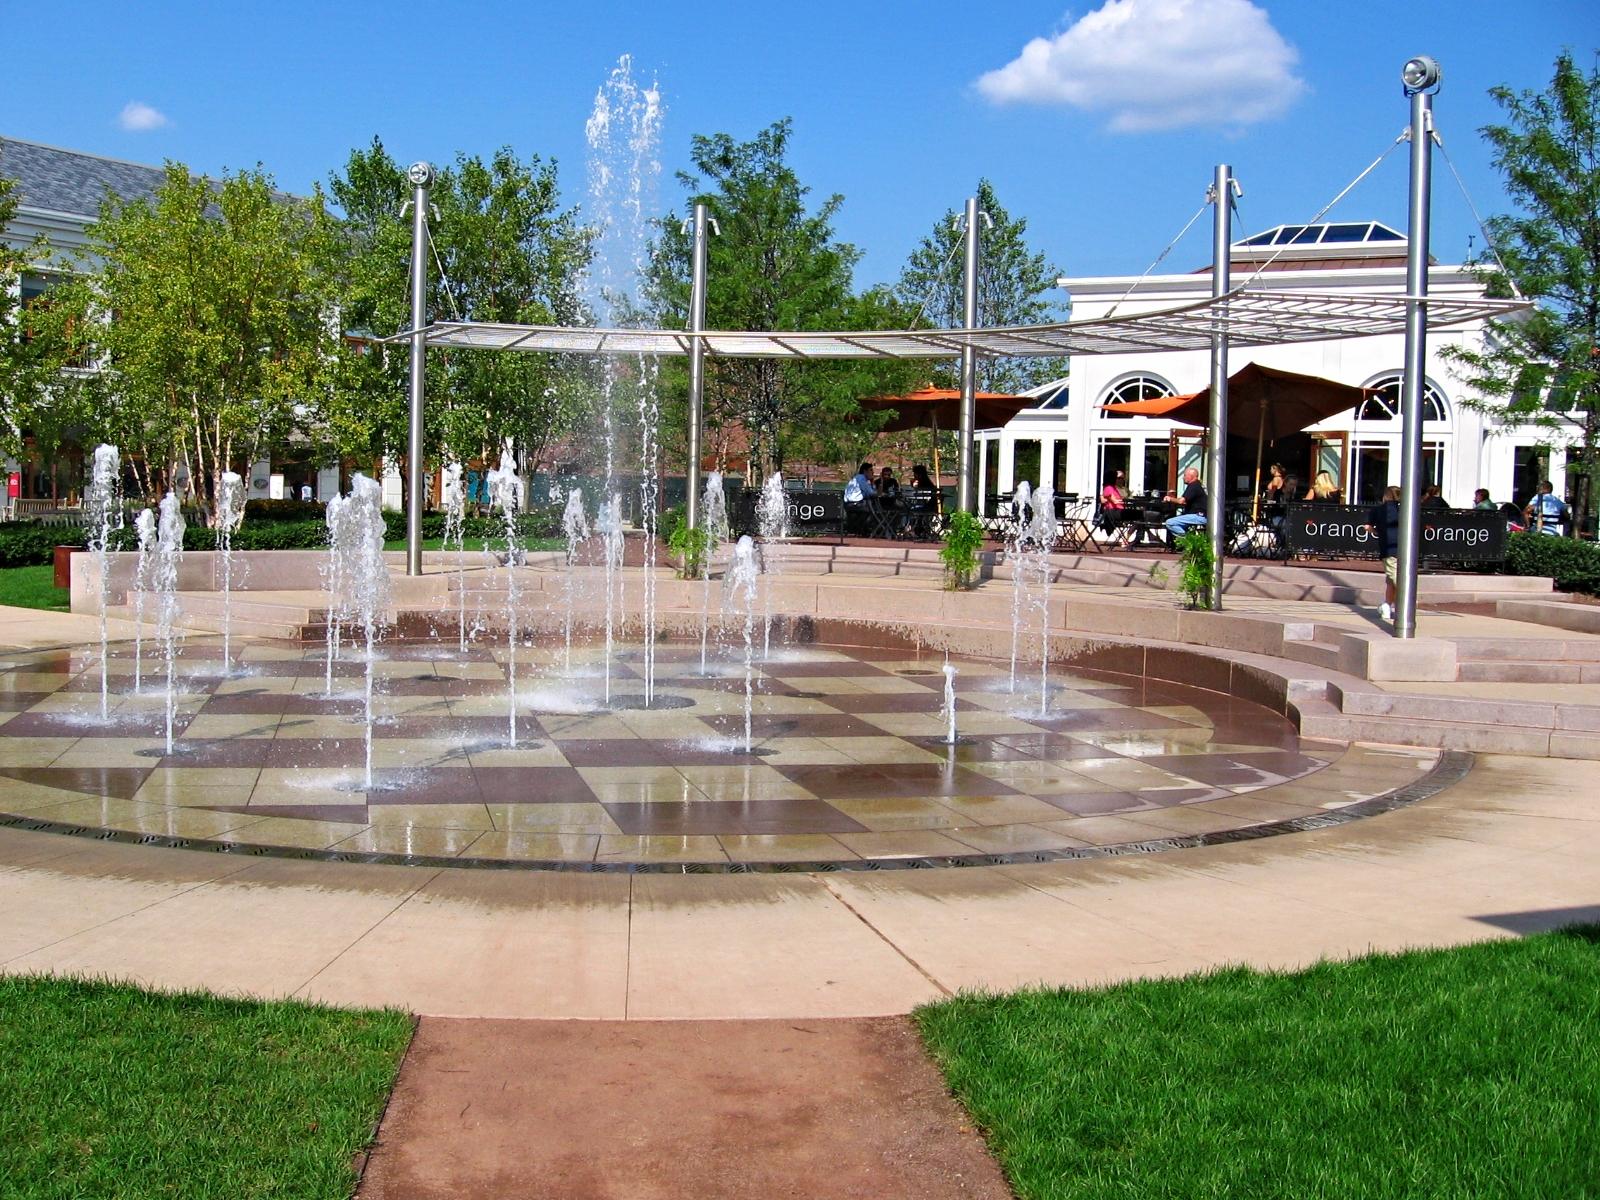 Atlas Plaza Shopping Mall, Glendale NY